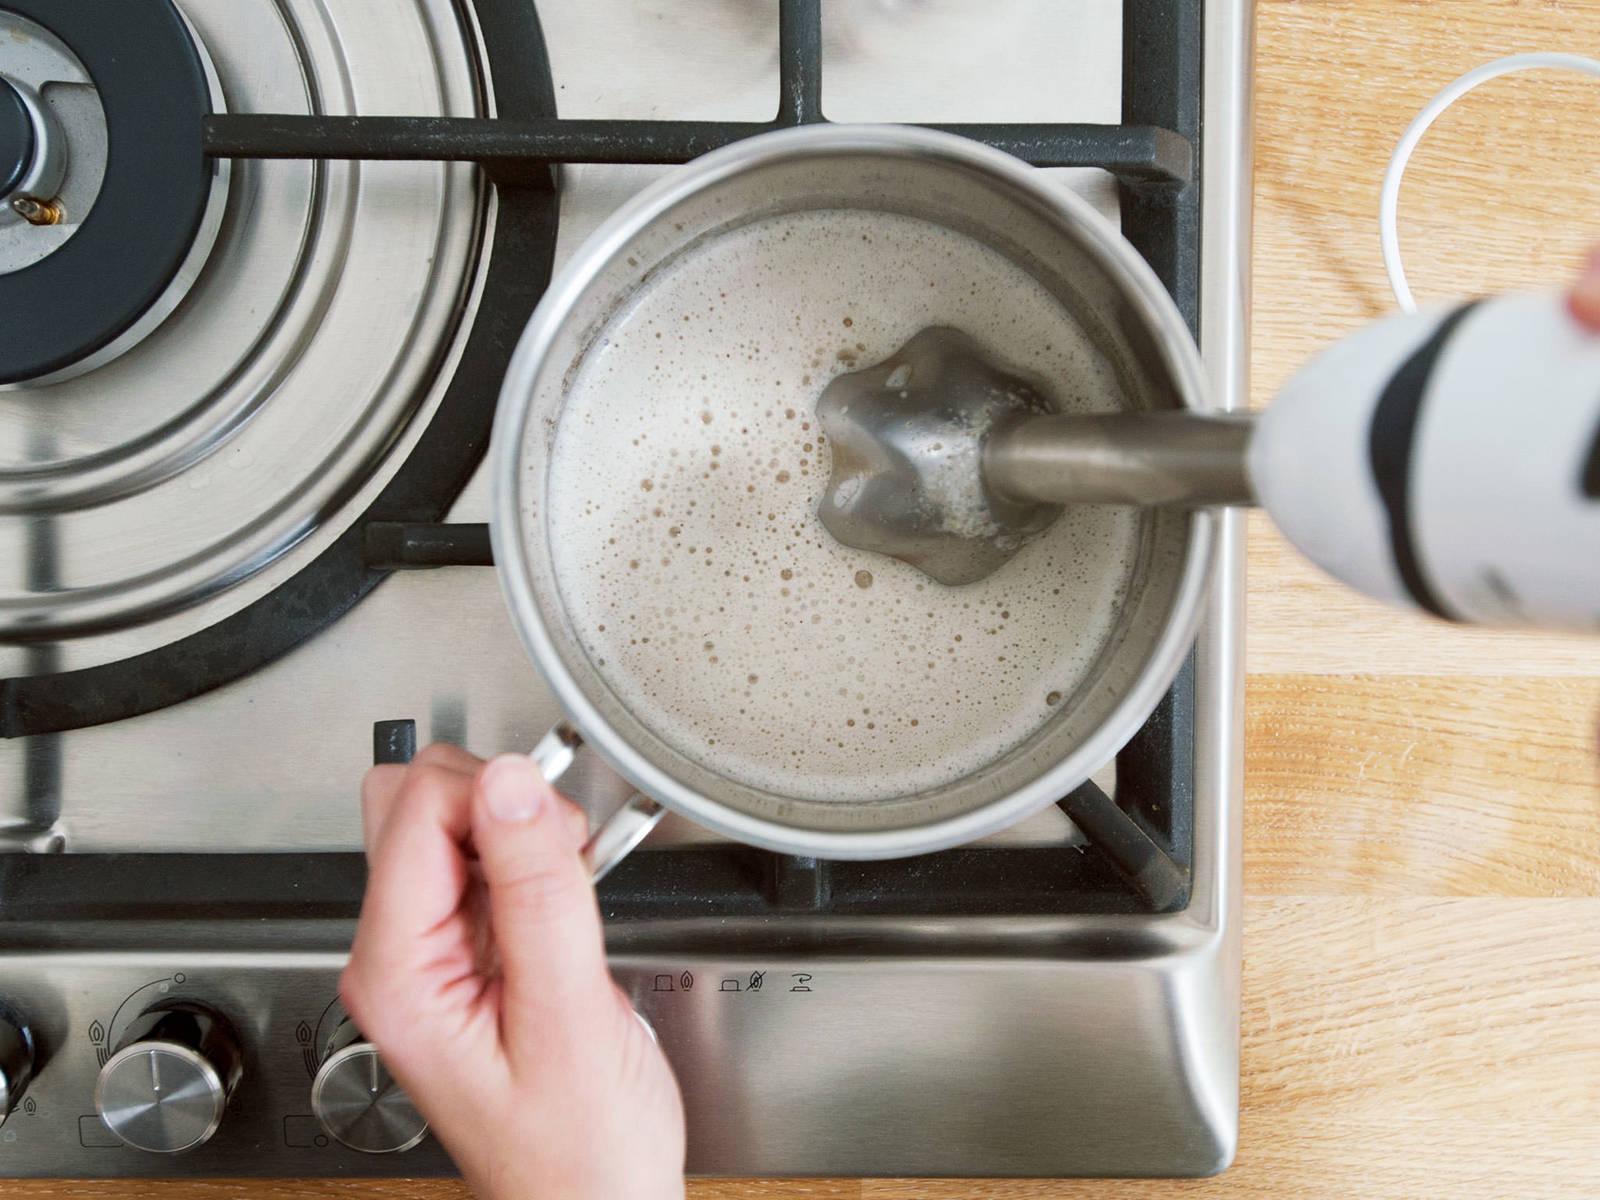 将除了水以外的所有食材和抹茶一起放到一个小平底锅中。用手持搅拌机搅打至顺滑。小火加热。再次搅拌,然后关火取下。